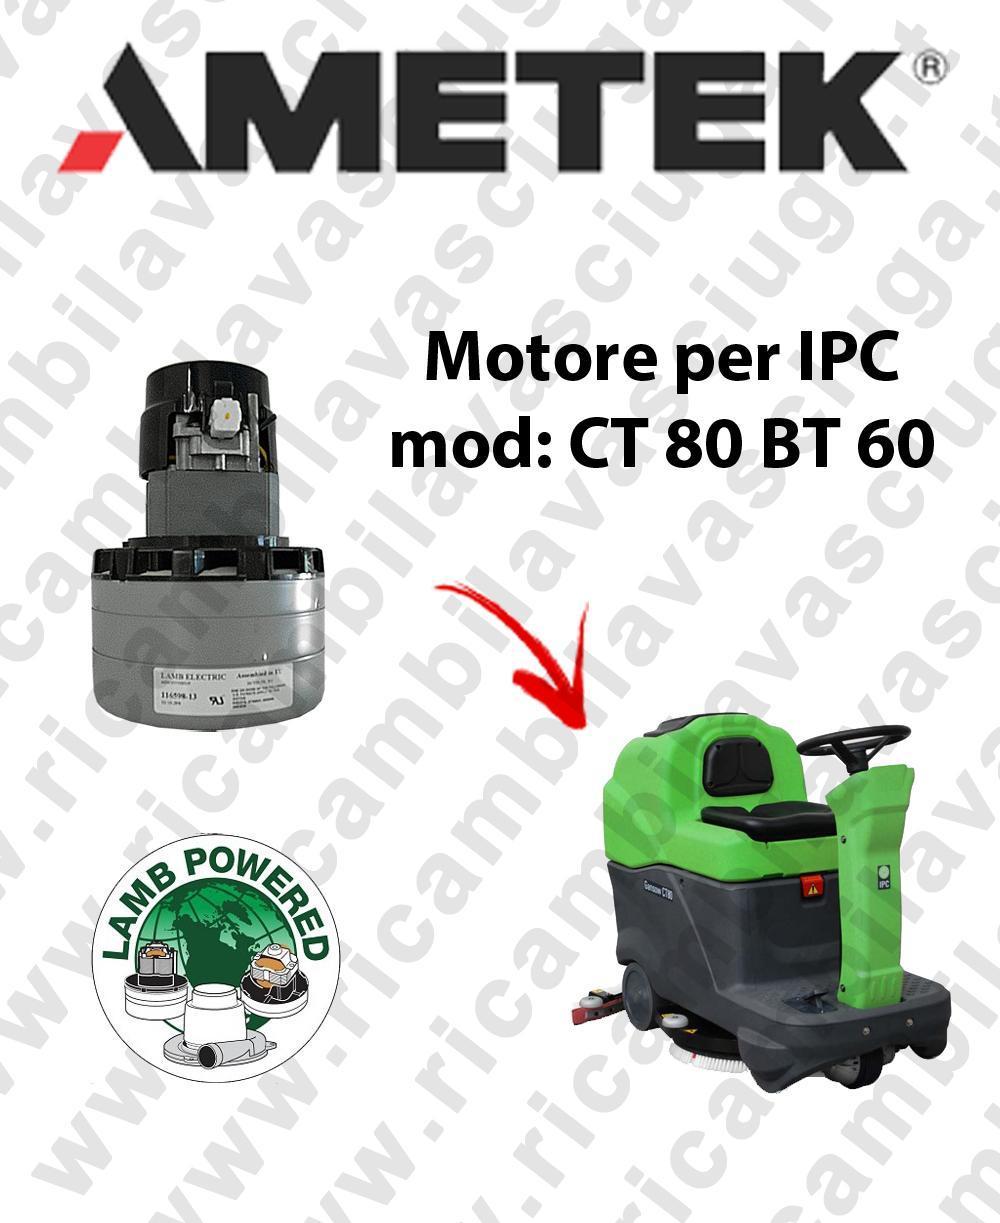 CT 80 BT 60 MOTEUR ASPIRATION LAMB AMATEK pour autolaveuses IPC